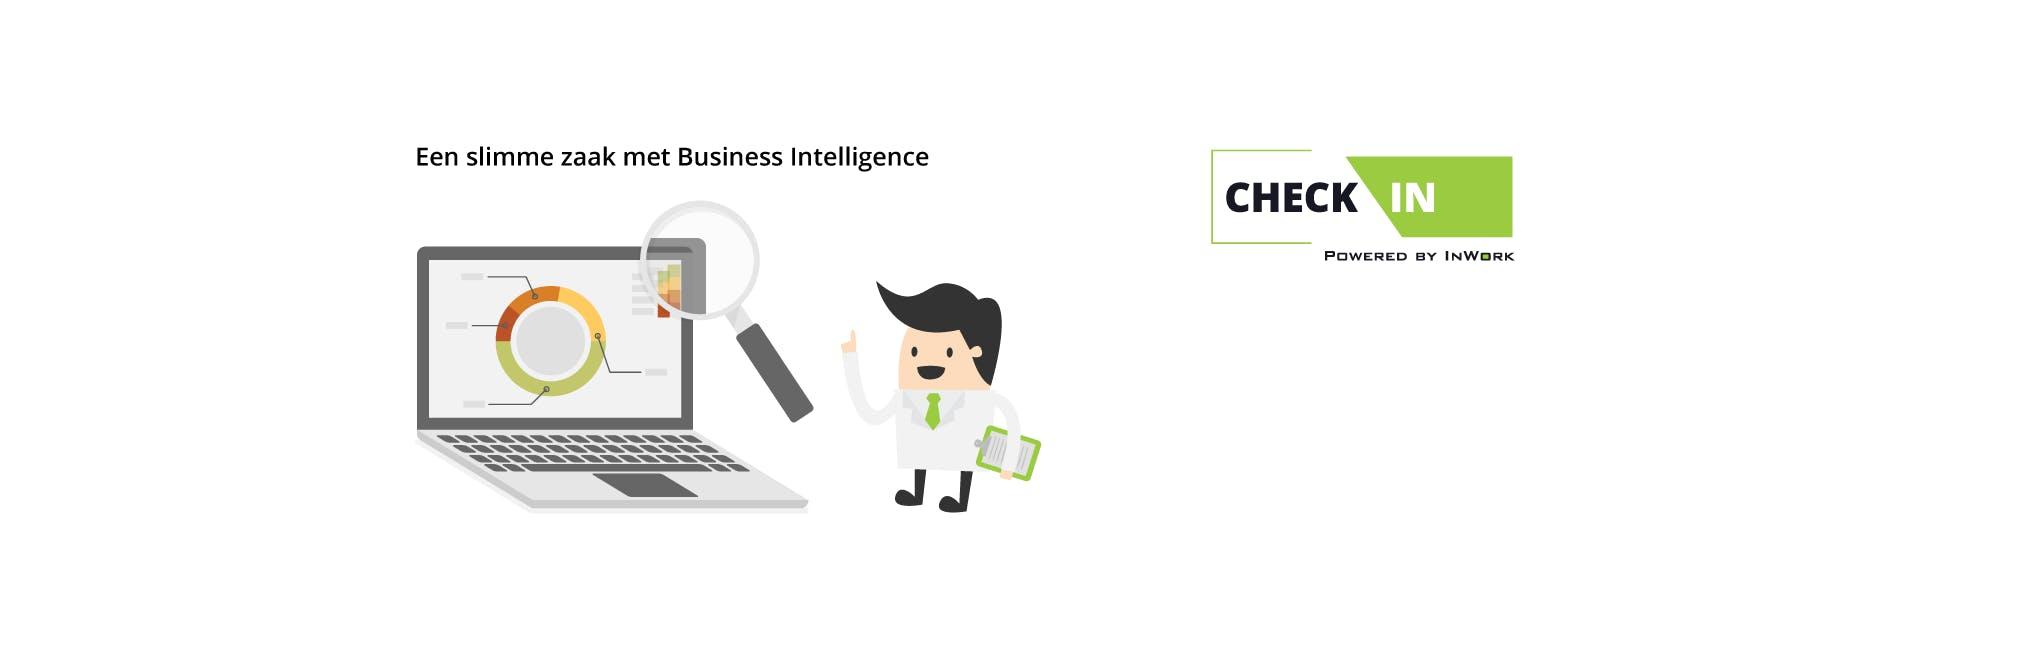 Check-In: Een Slimme Zaak met Business Intell